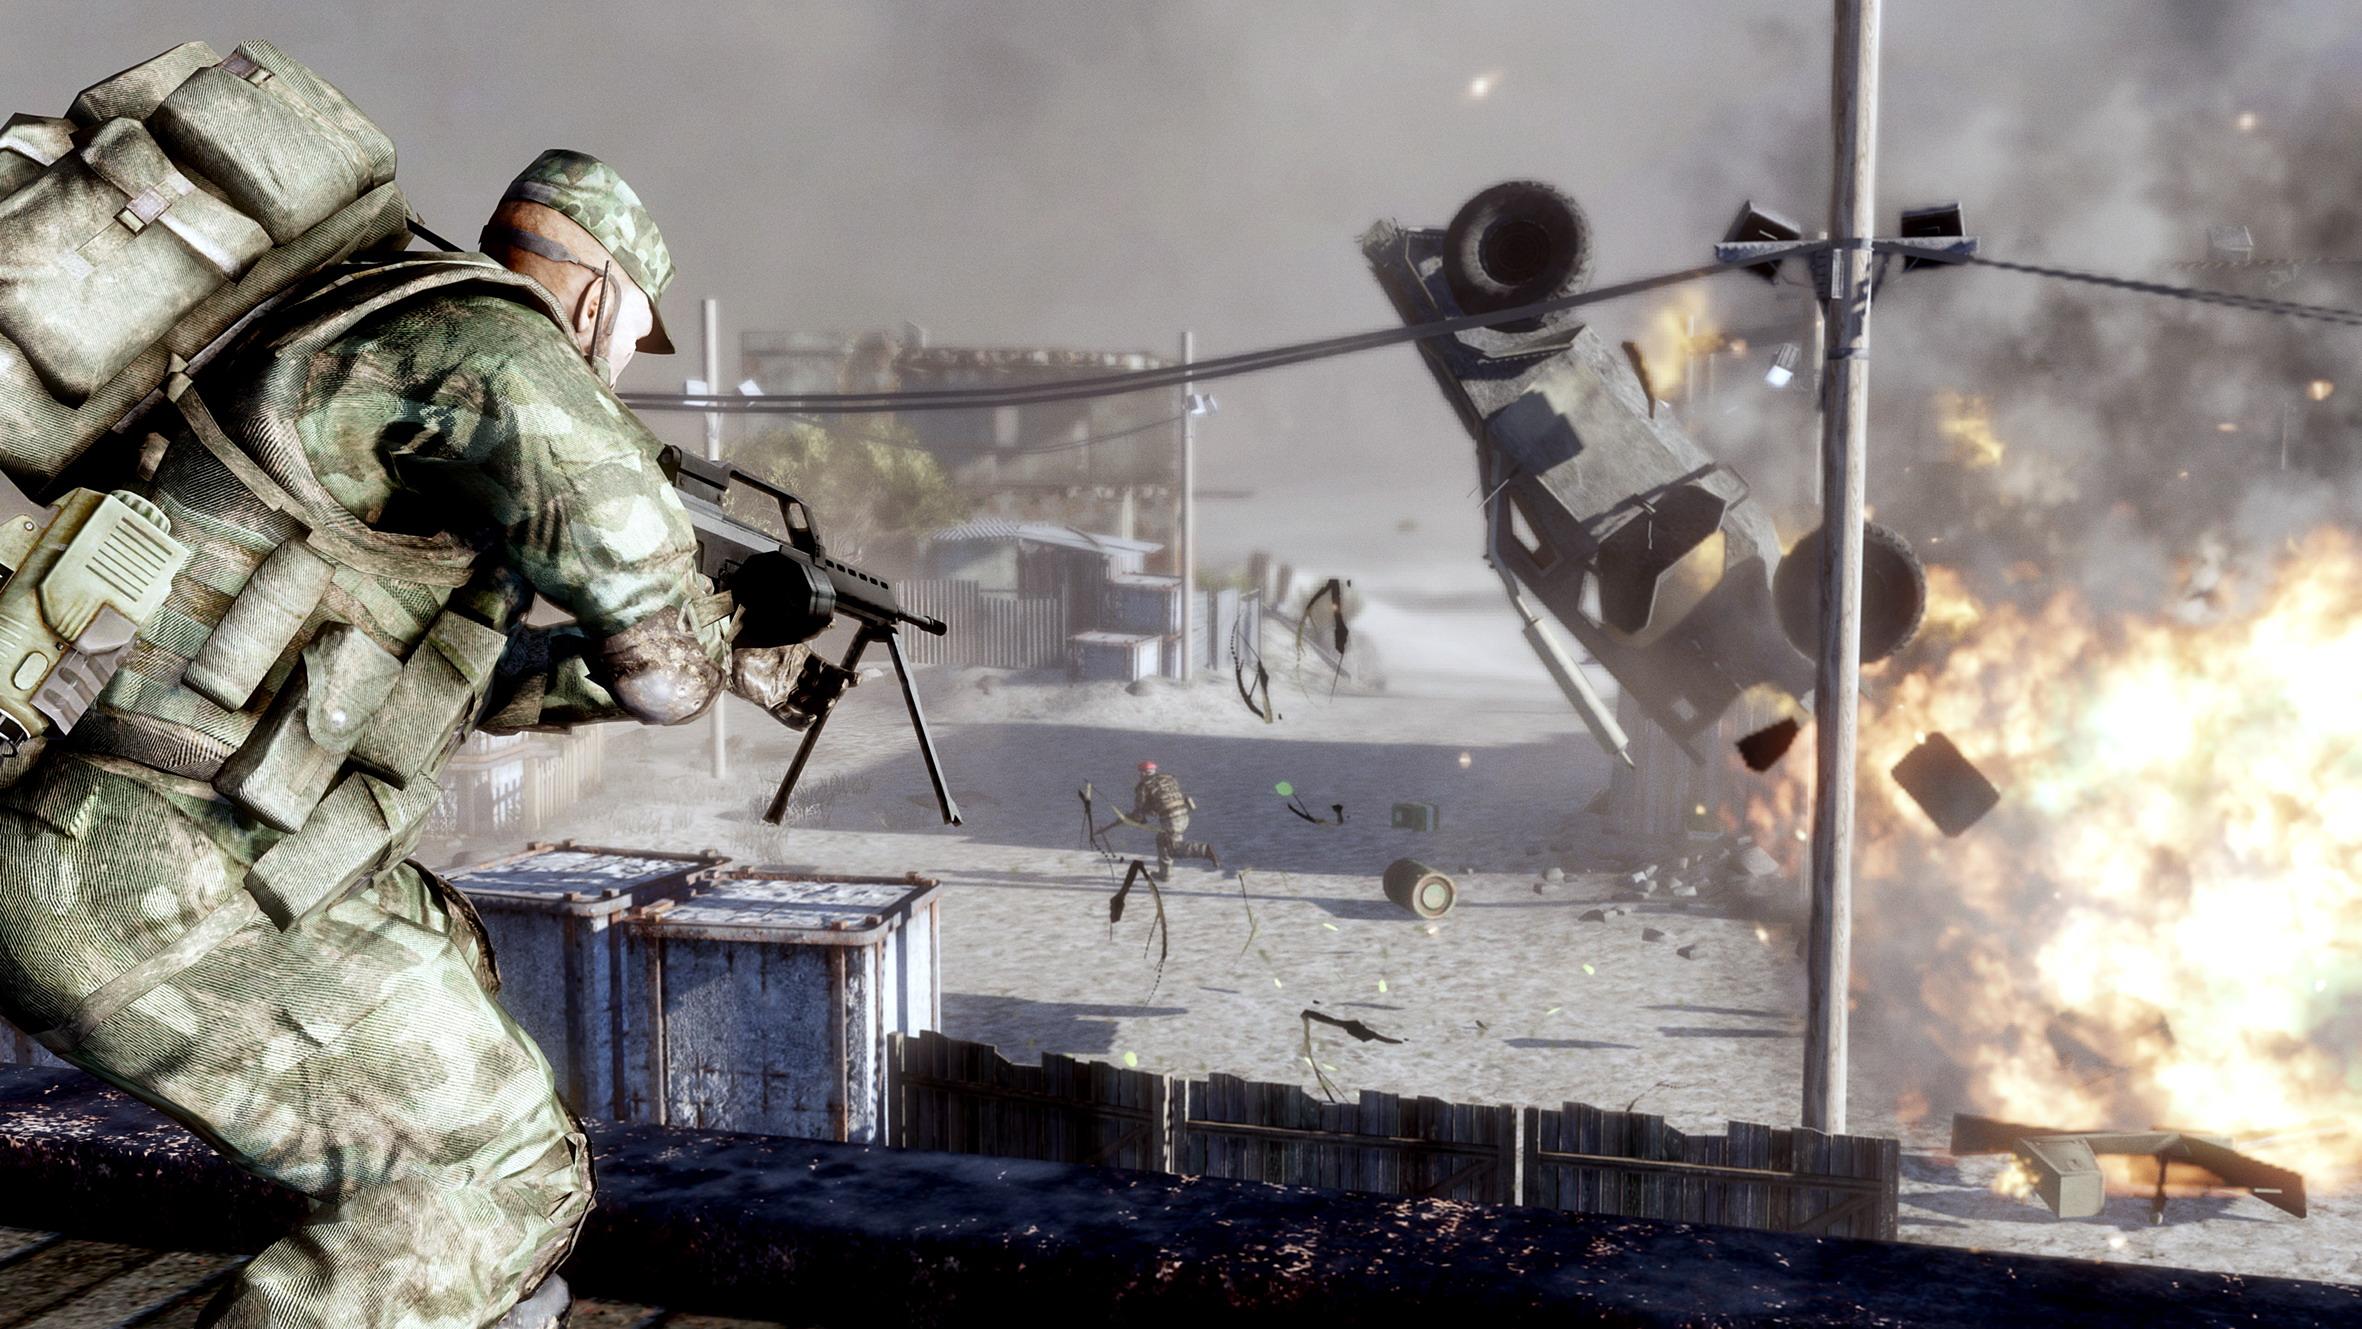 Battlefieldbc2 edit001